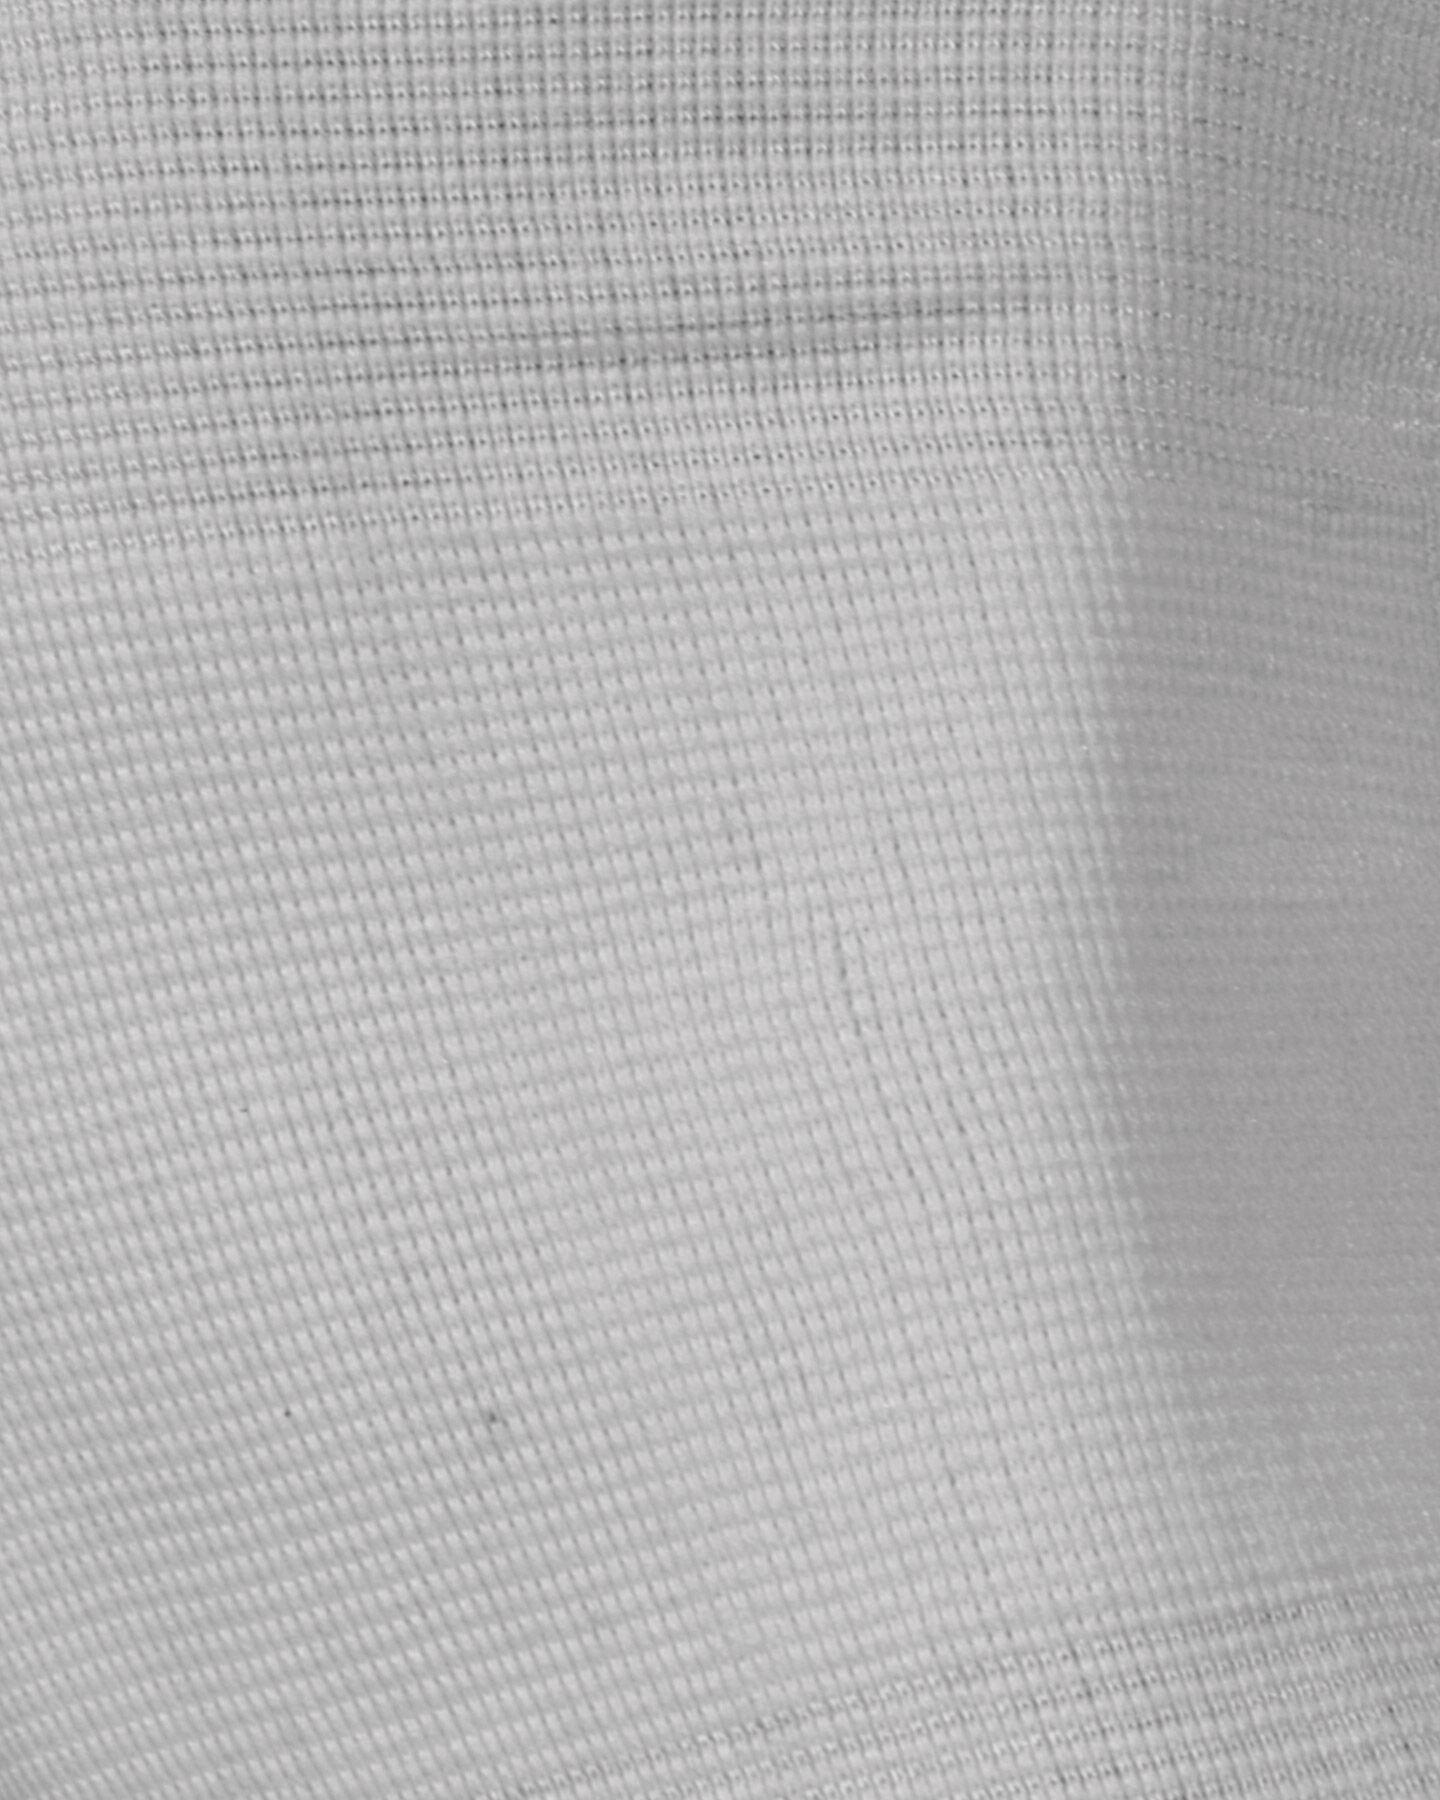 Protezione CARNIELLI GINOCCHIERE ELASTICHE S4021410 scatto 2